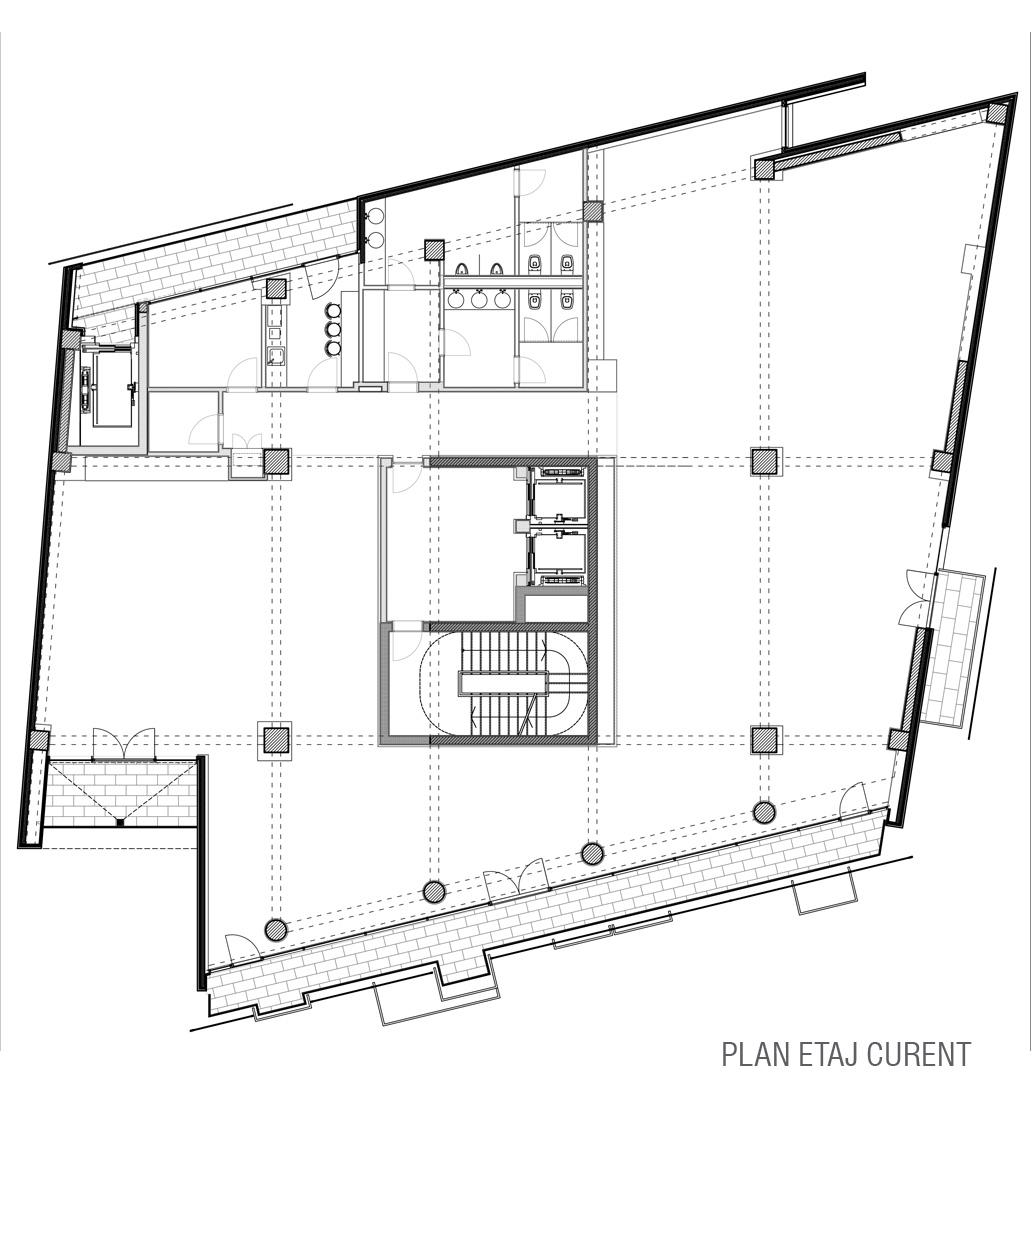 Poligrafiei_b.plan etaj curent